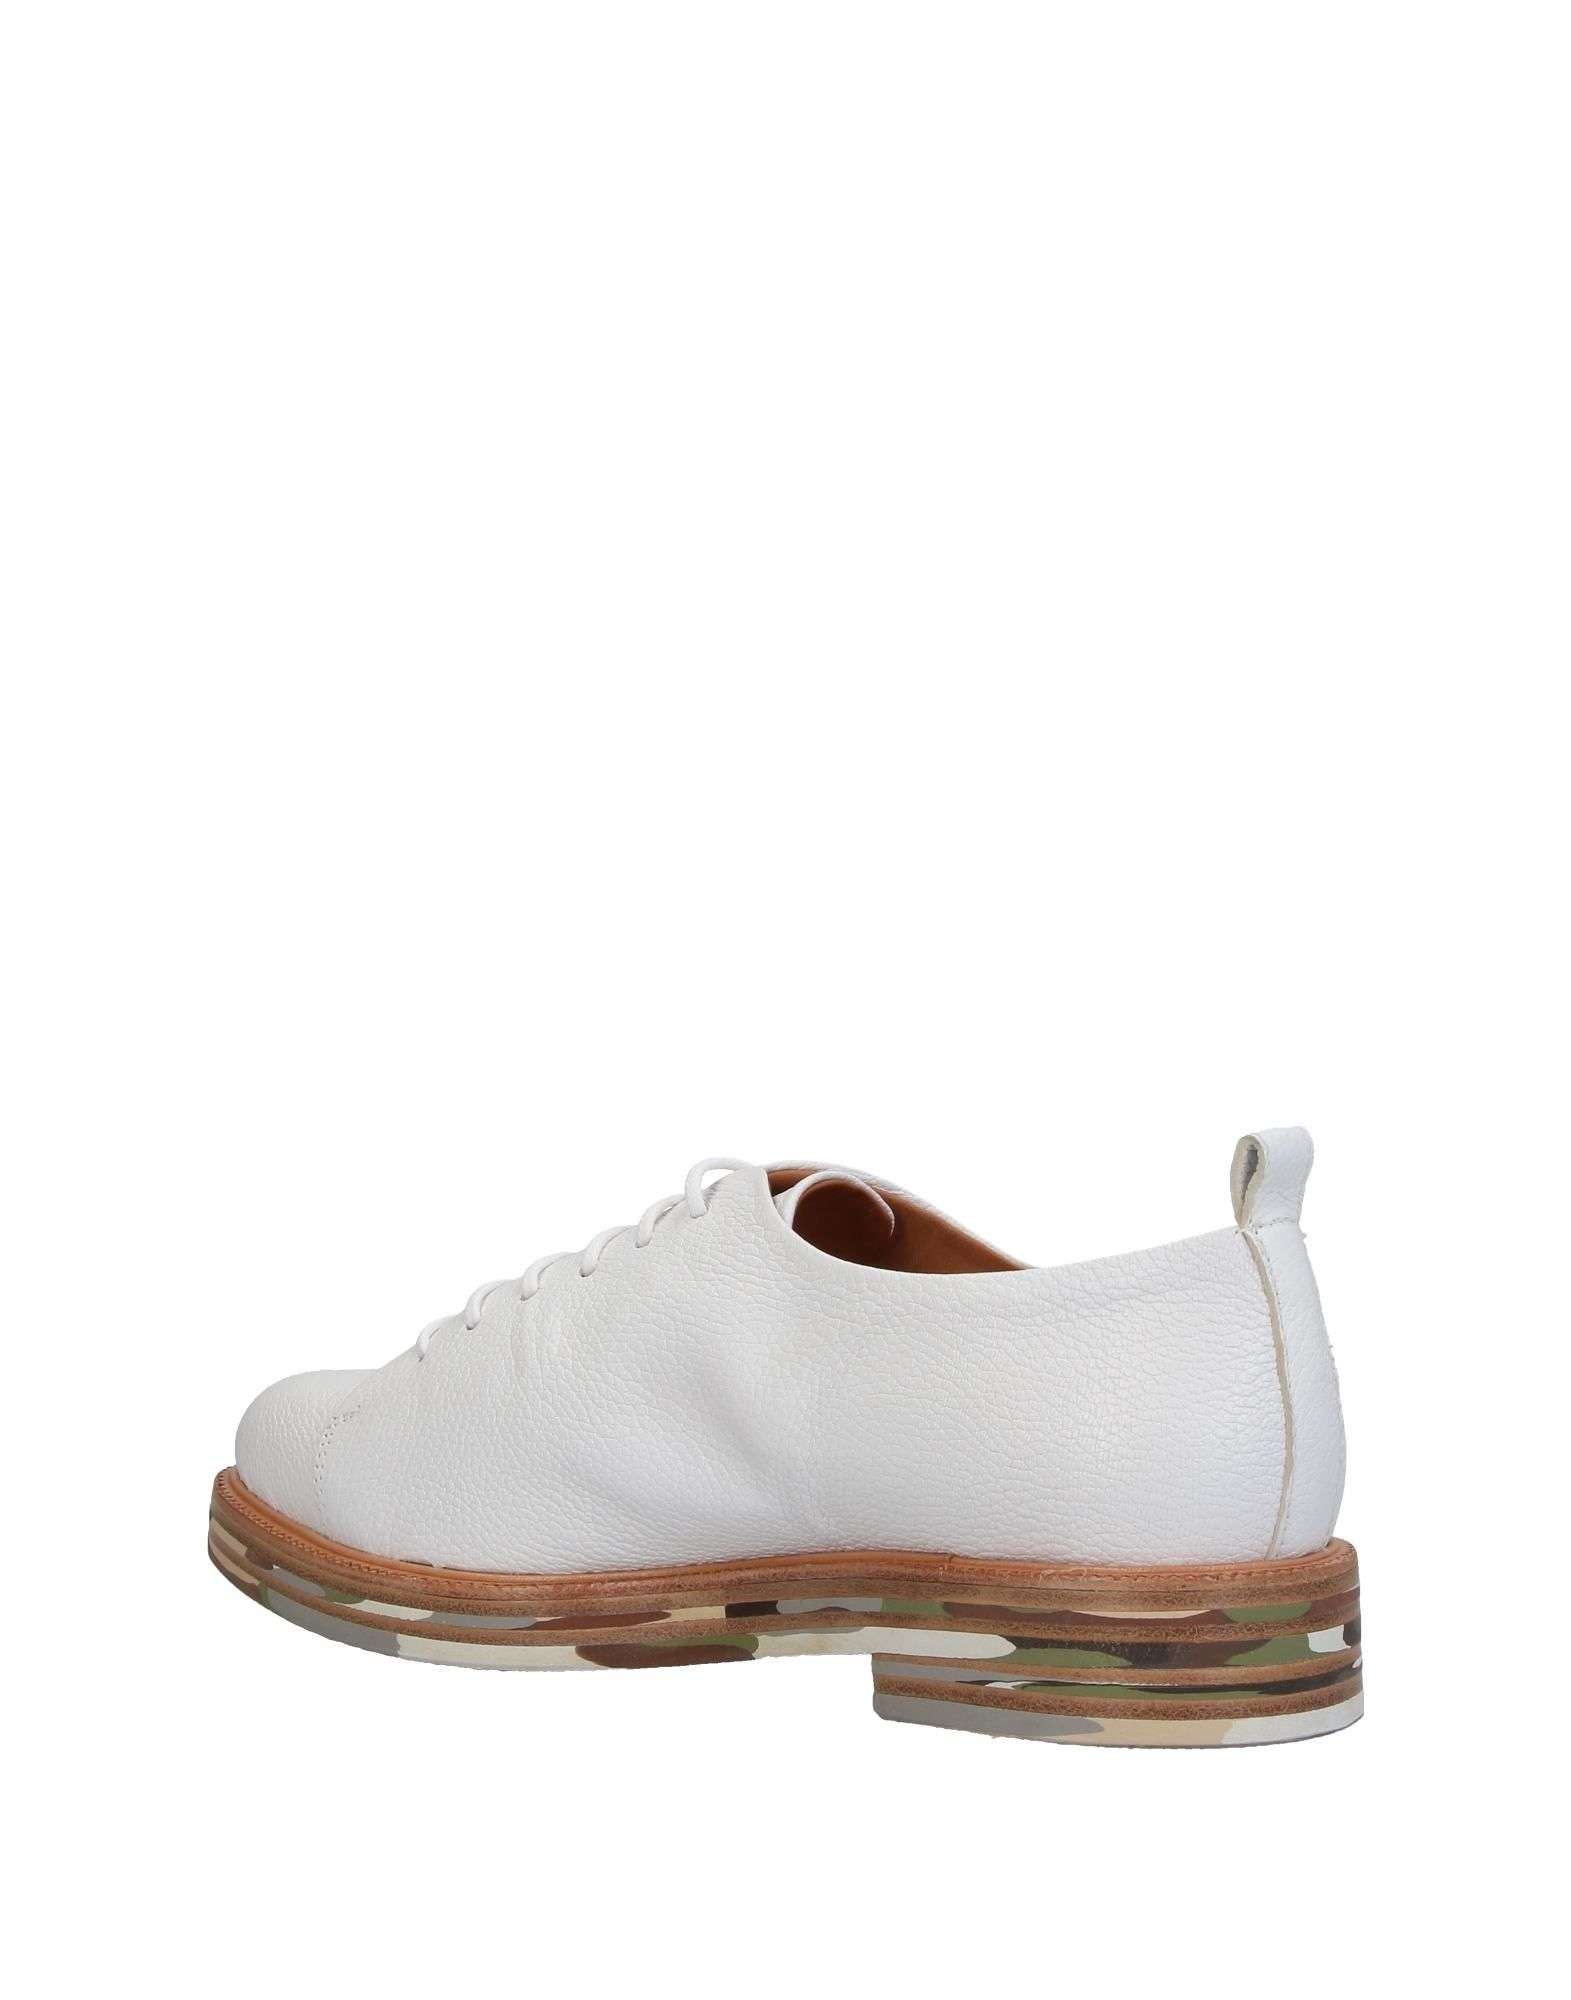 Chaussures - Tribunaux Lorenzo Mari bIUVs